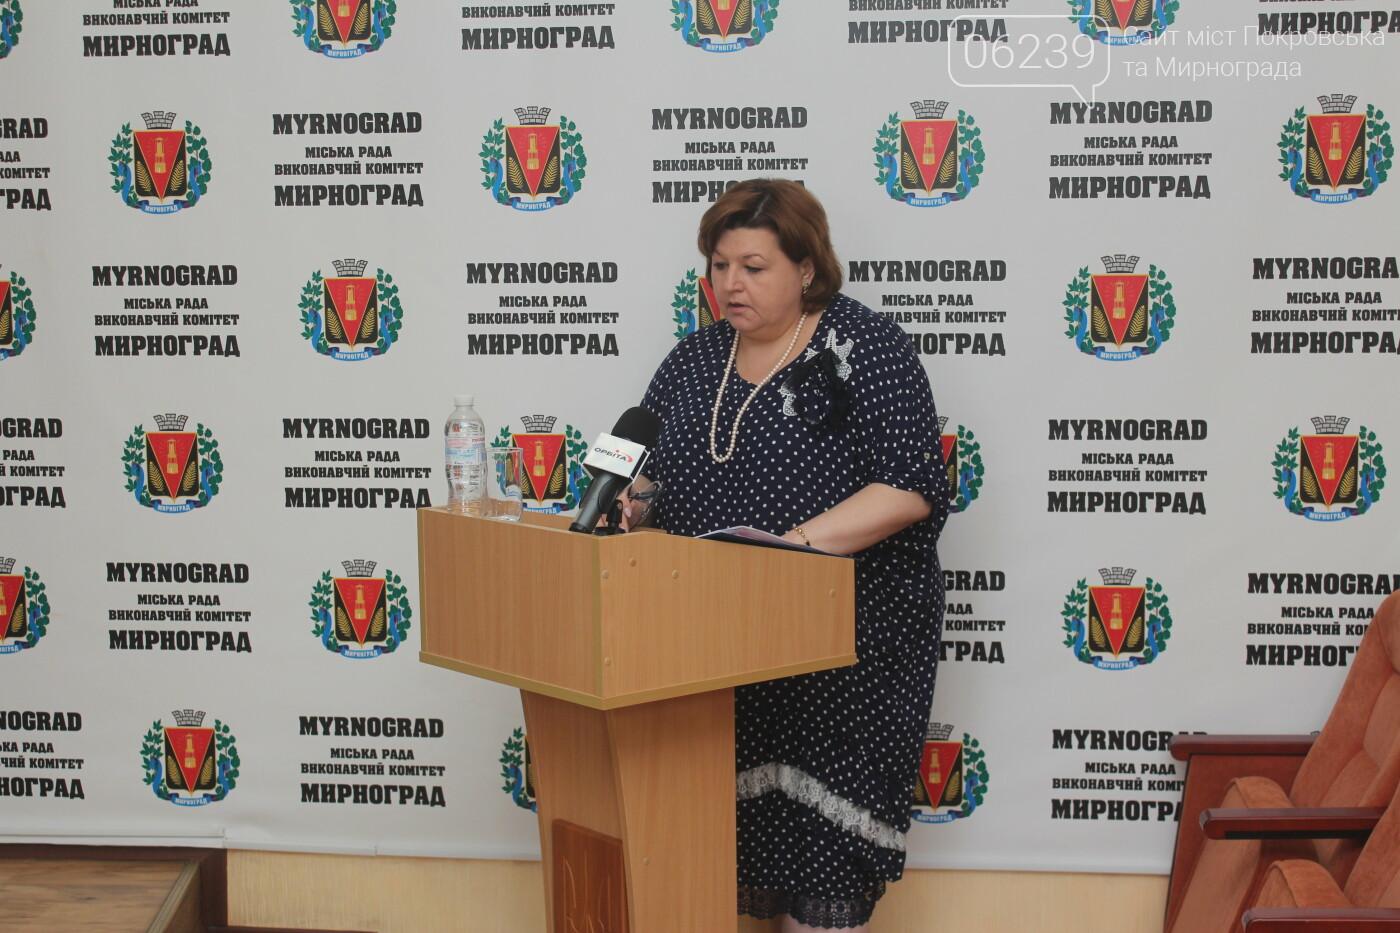 Изменения в бюджете и передача продуктов на баланс местной больницы: в Мирнограде состоялась очередная сессия горсовета, фото-5